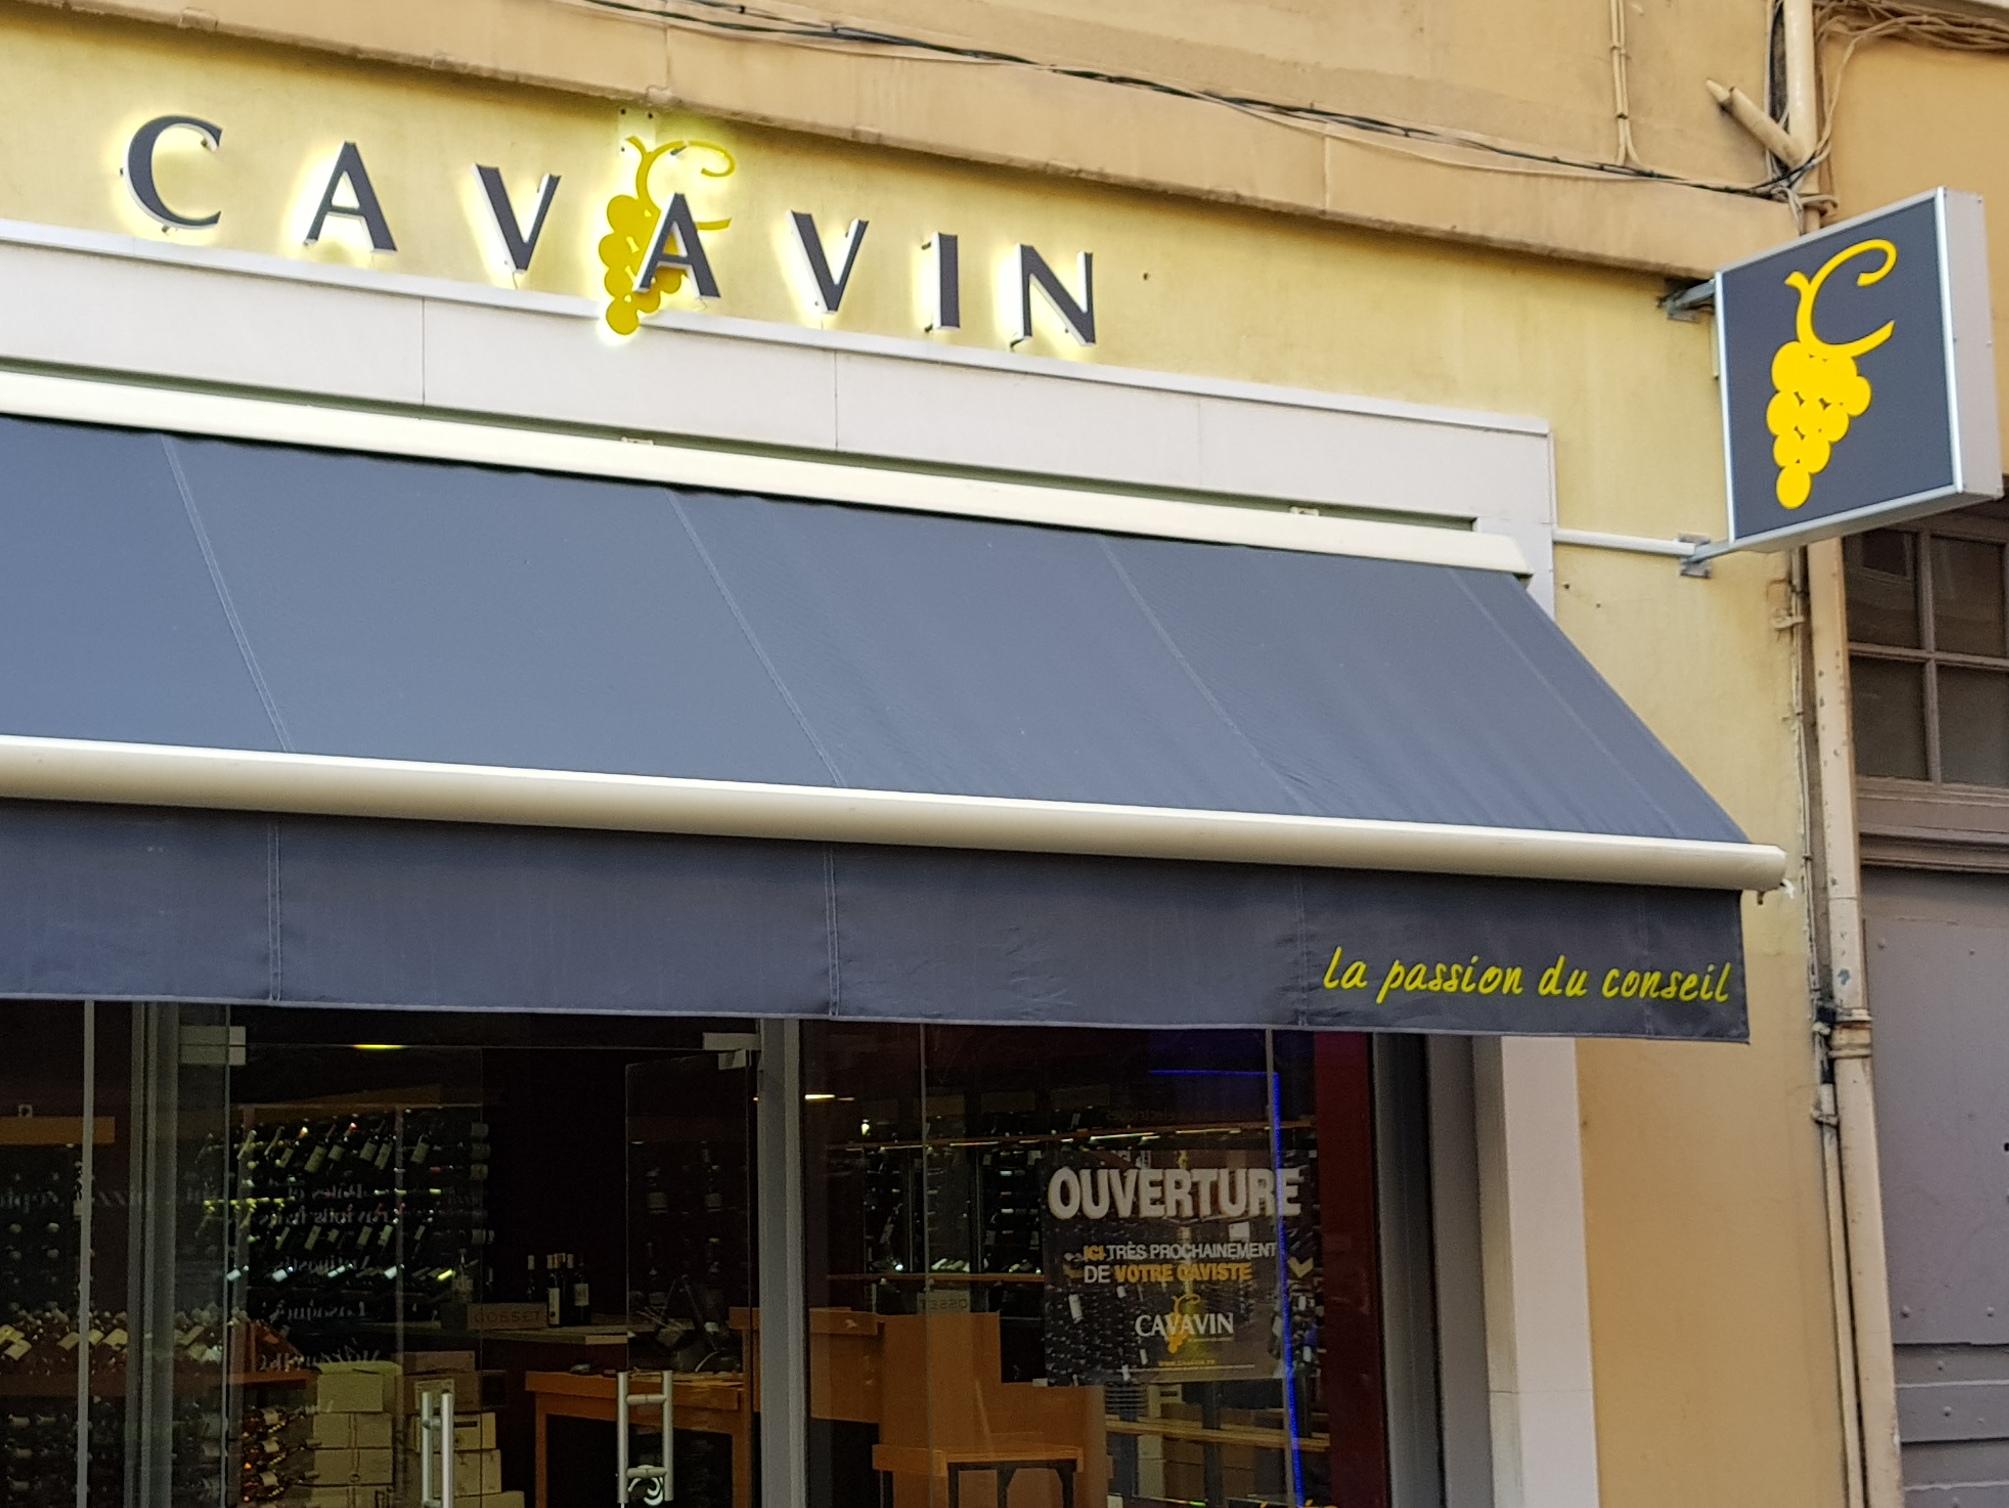 Adhésif Vitrine, Grappe CAVAVIN en aluminium 20/10ème laquée , Lettres PMMA 30 mm blanc opaque + faces adhésivées , monté sur entretoises avec rétro-éclairage led, inscription sur Lambrequin pour Cavavin (69004 LYON).